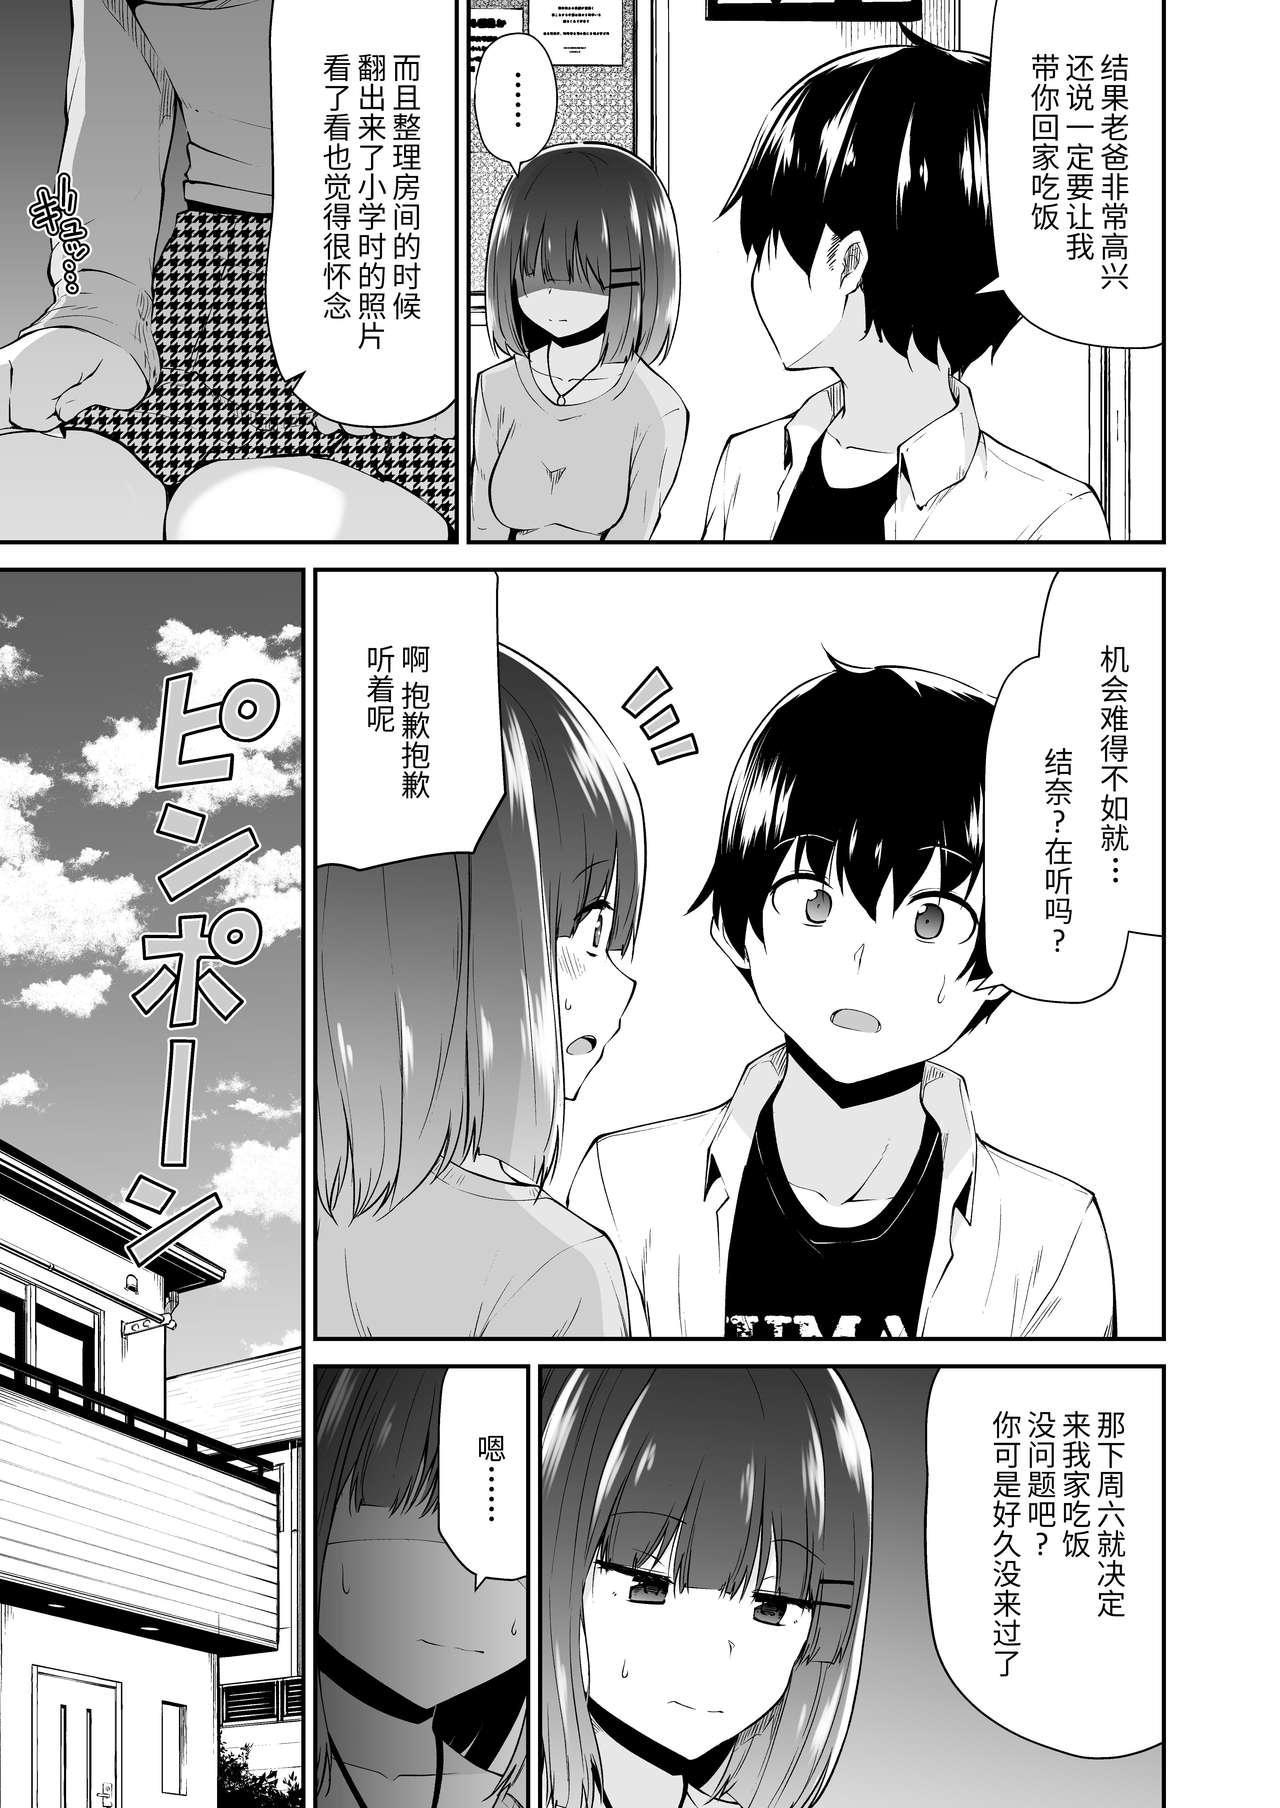 Chinkasu de kimaru Onna-tachi Comic Anthology 41